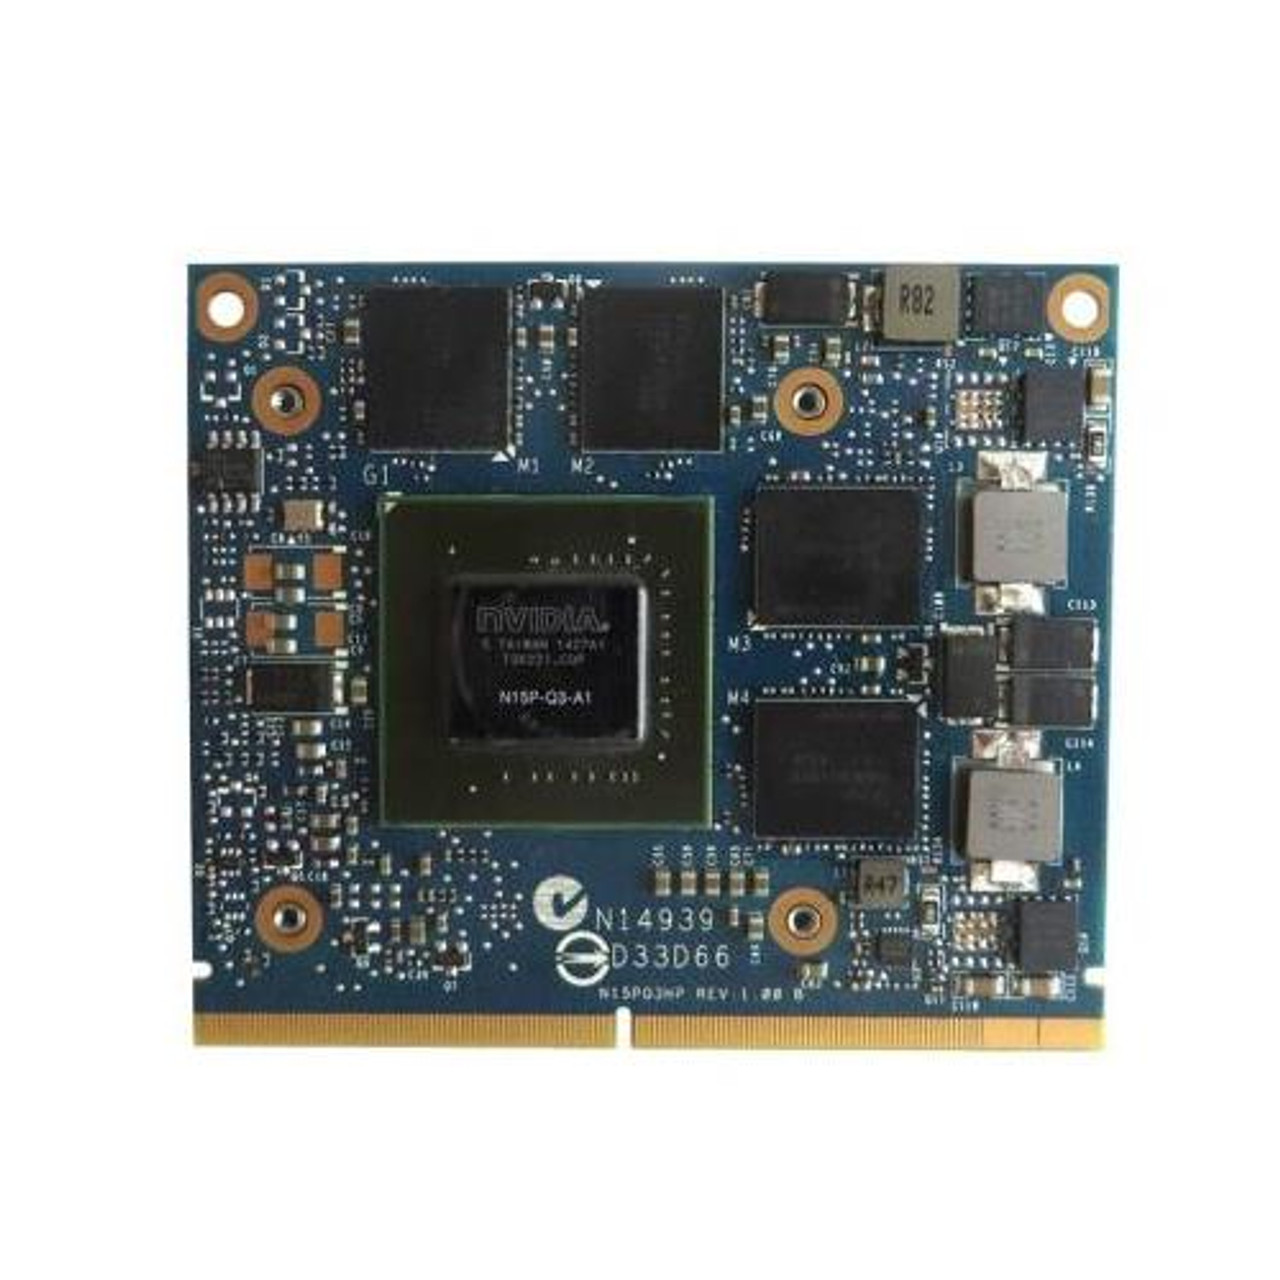 Nvidia quadro k2100m